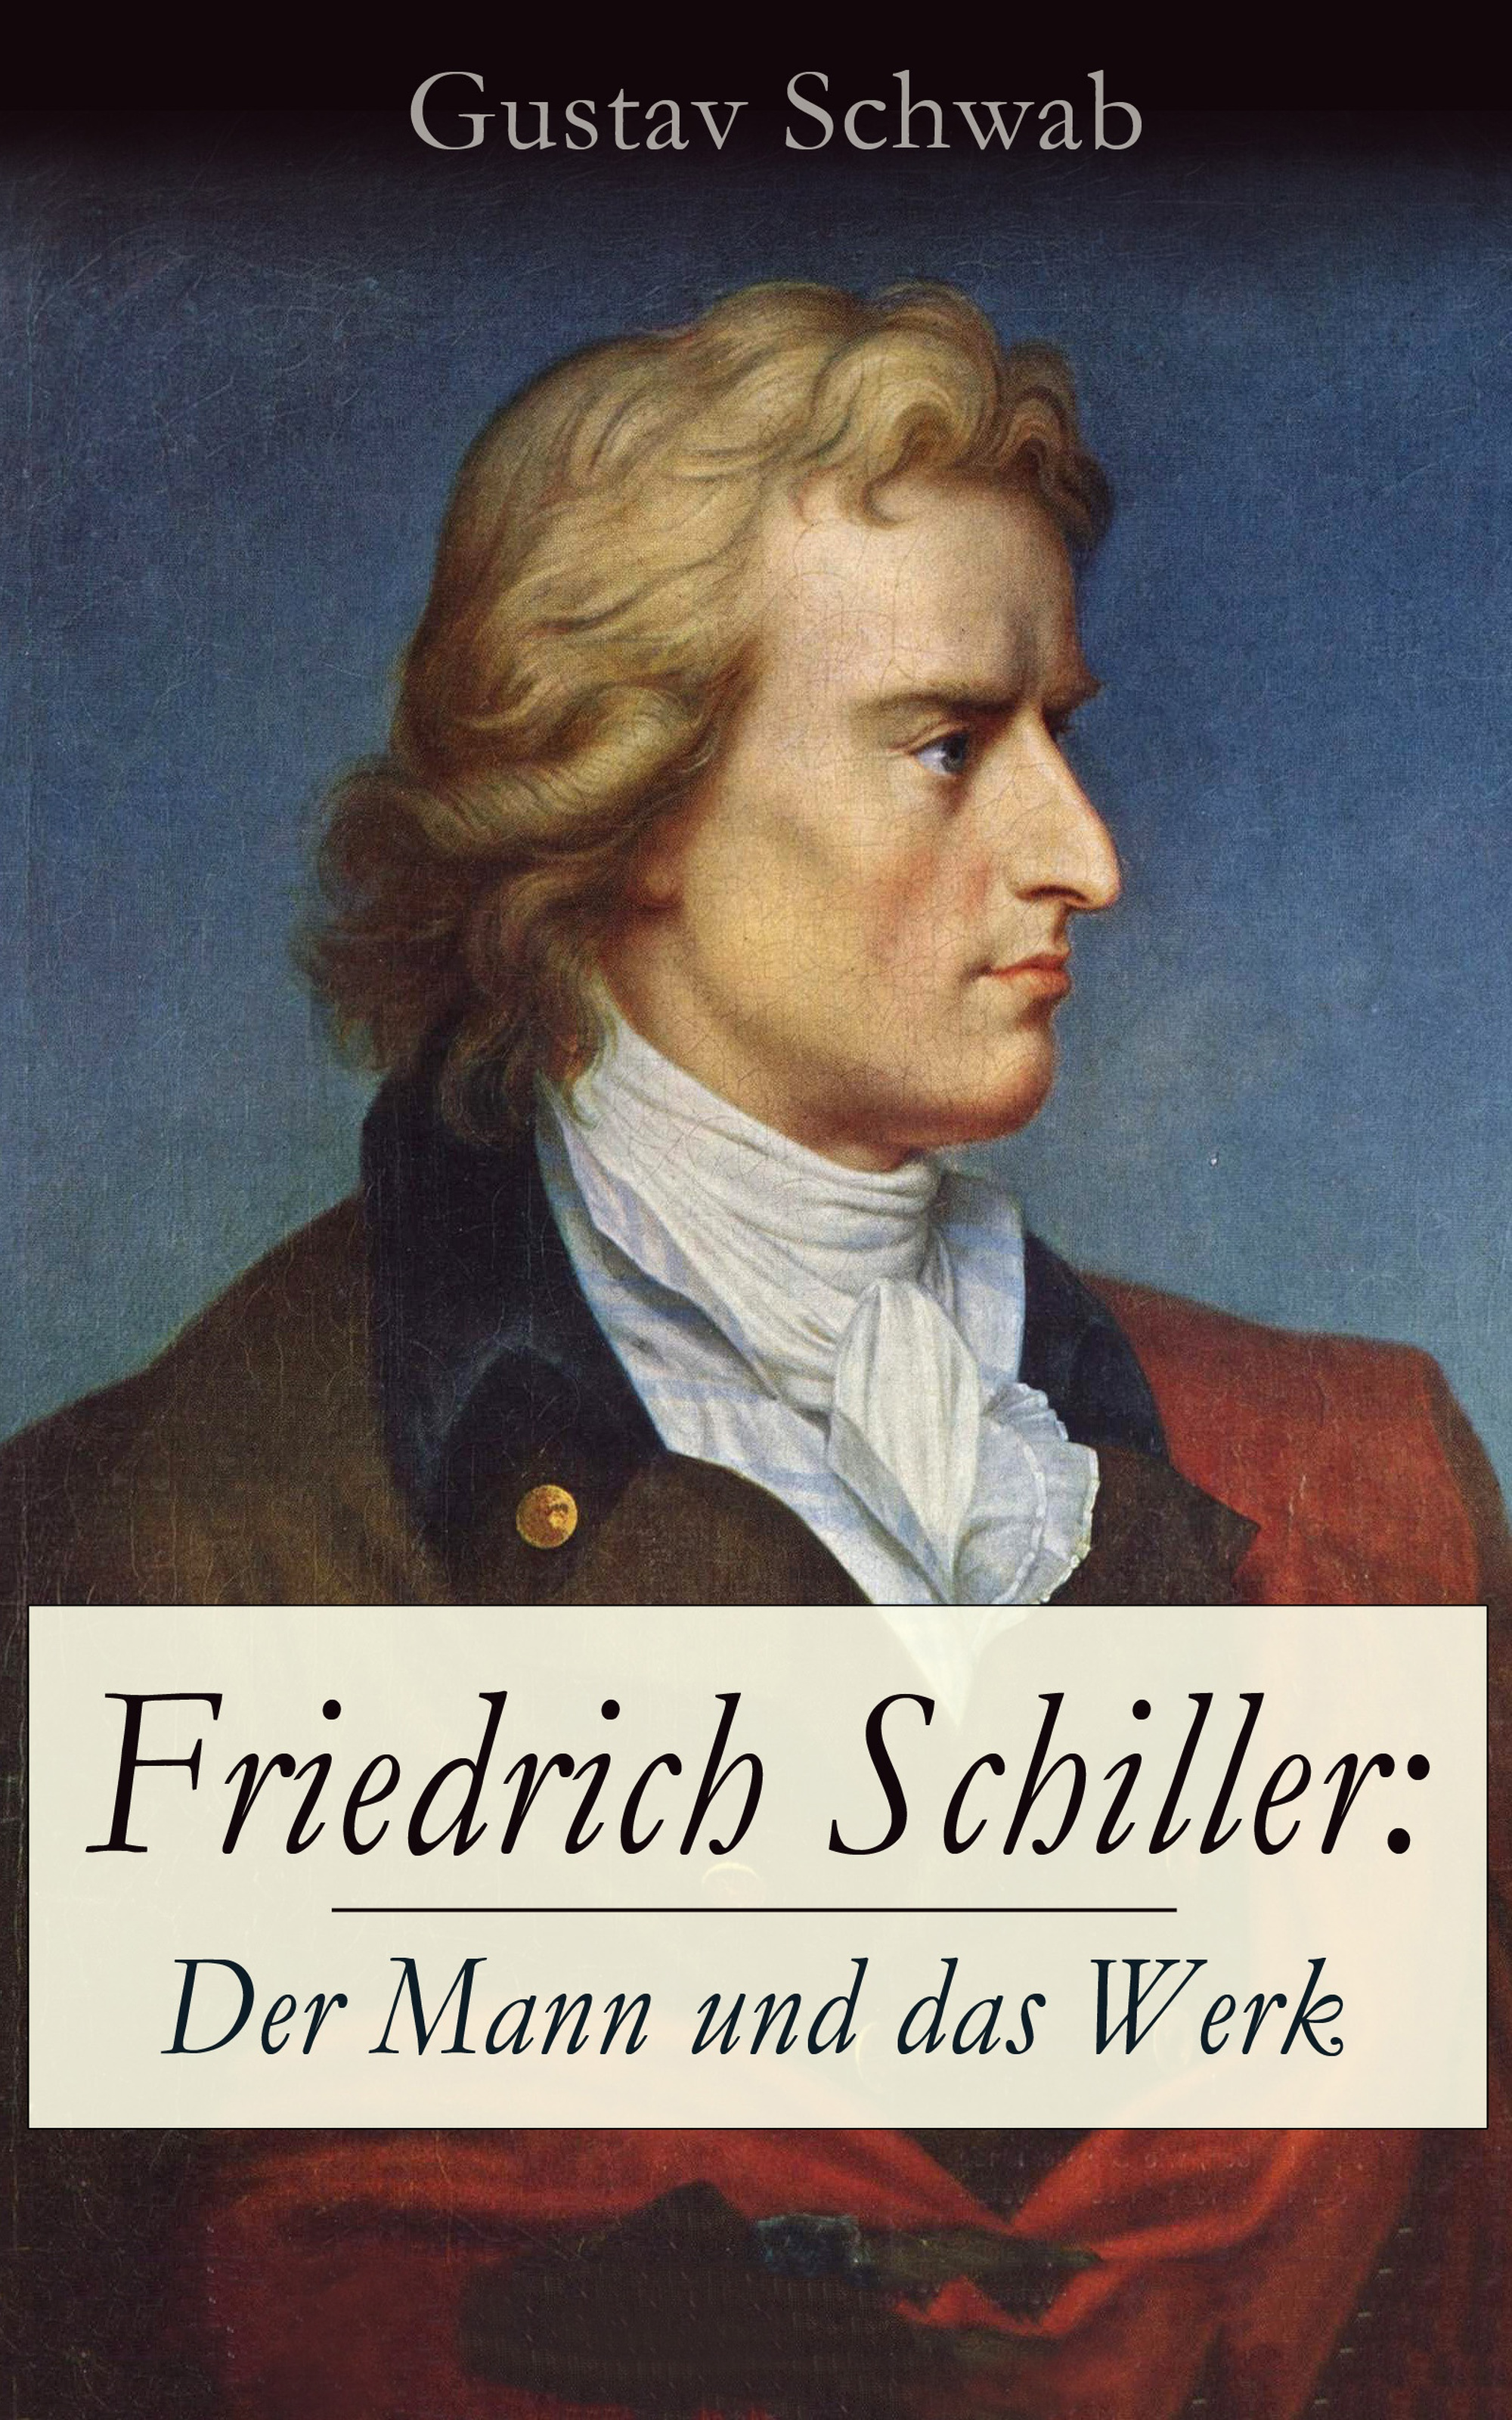 Gustav Schwab Friedrich Schiller: Der Mann und das Werk das r tsel mann das r tsel frau